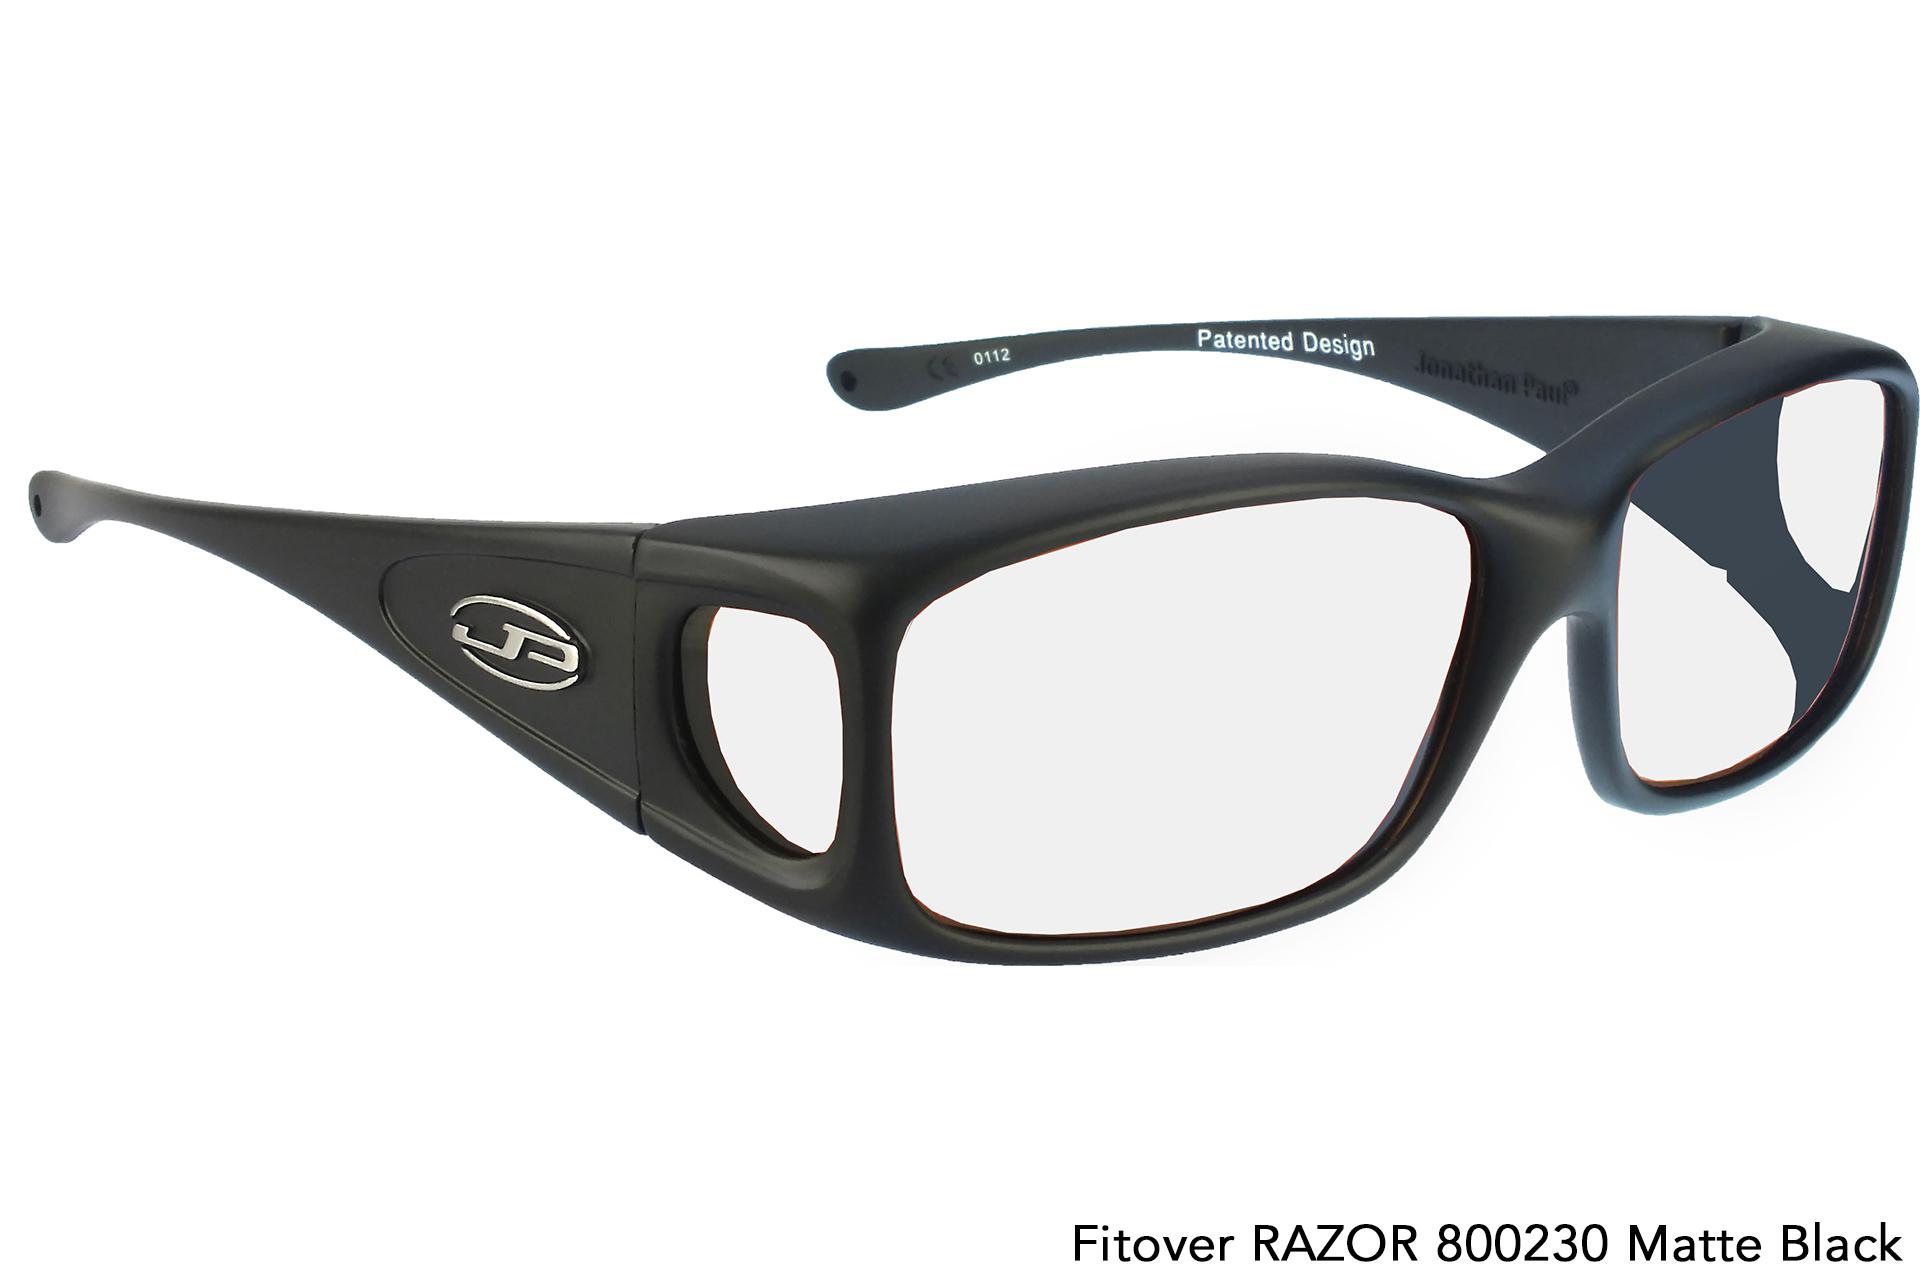 fitovers-razor-matte-black